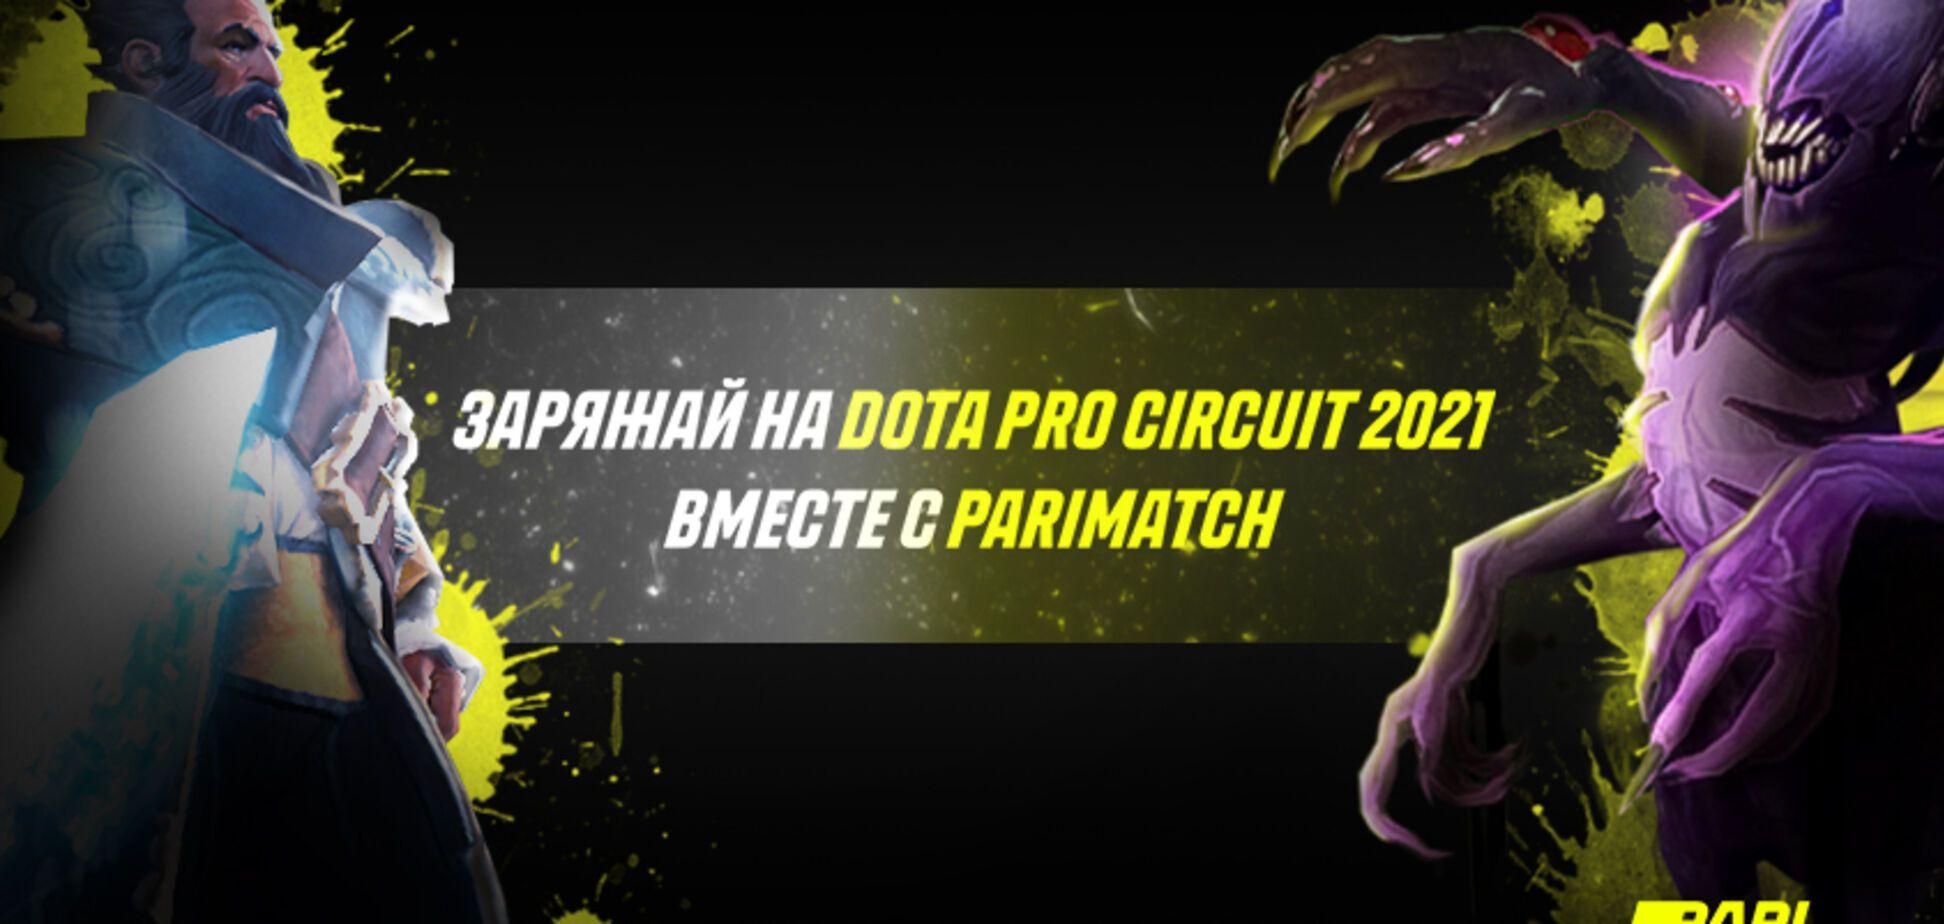 Що приготував турнір Dota Pro Circuit 2 021